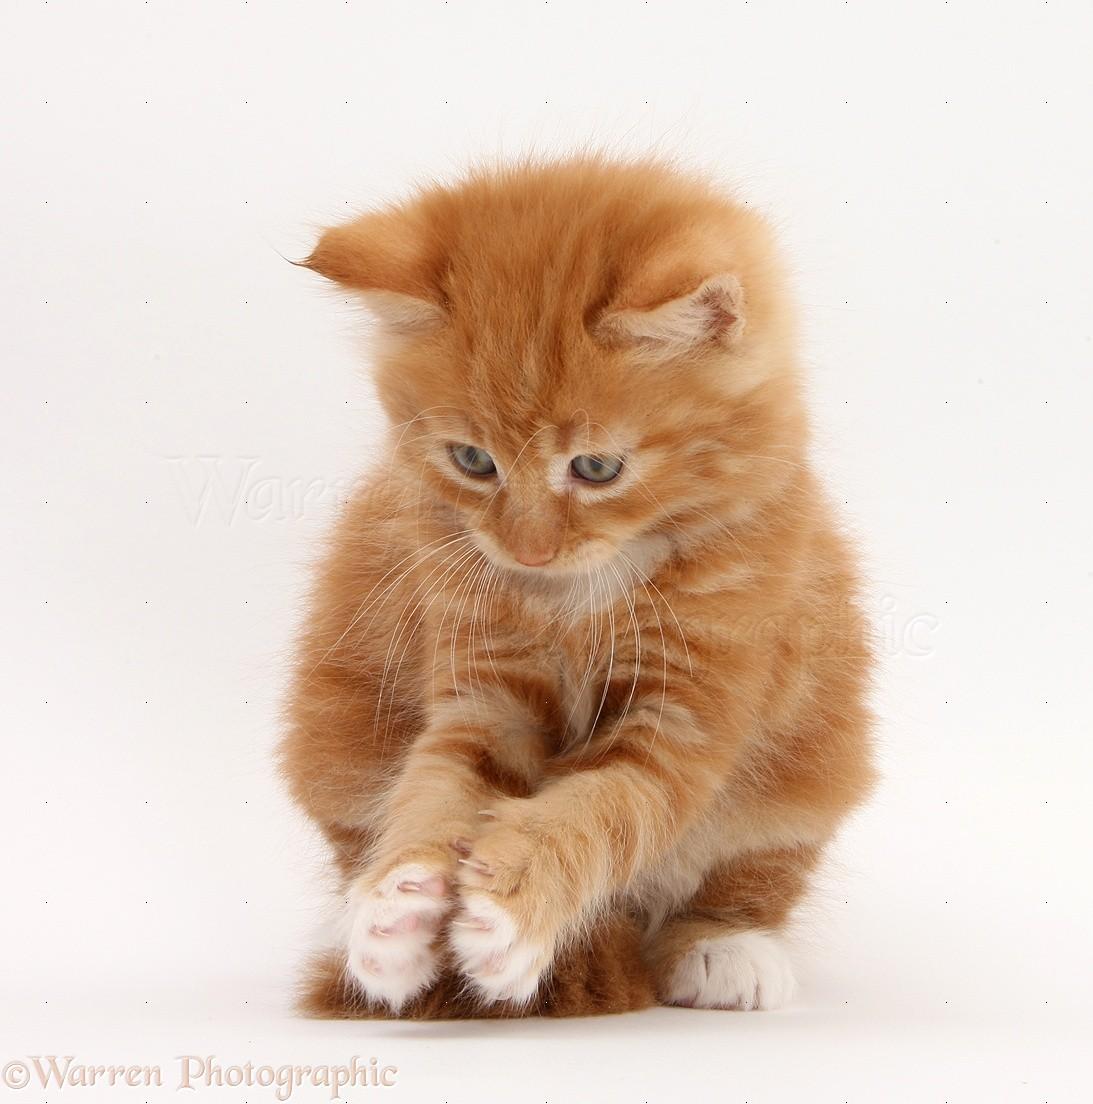 Playful Kitten Ginger